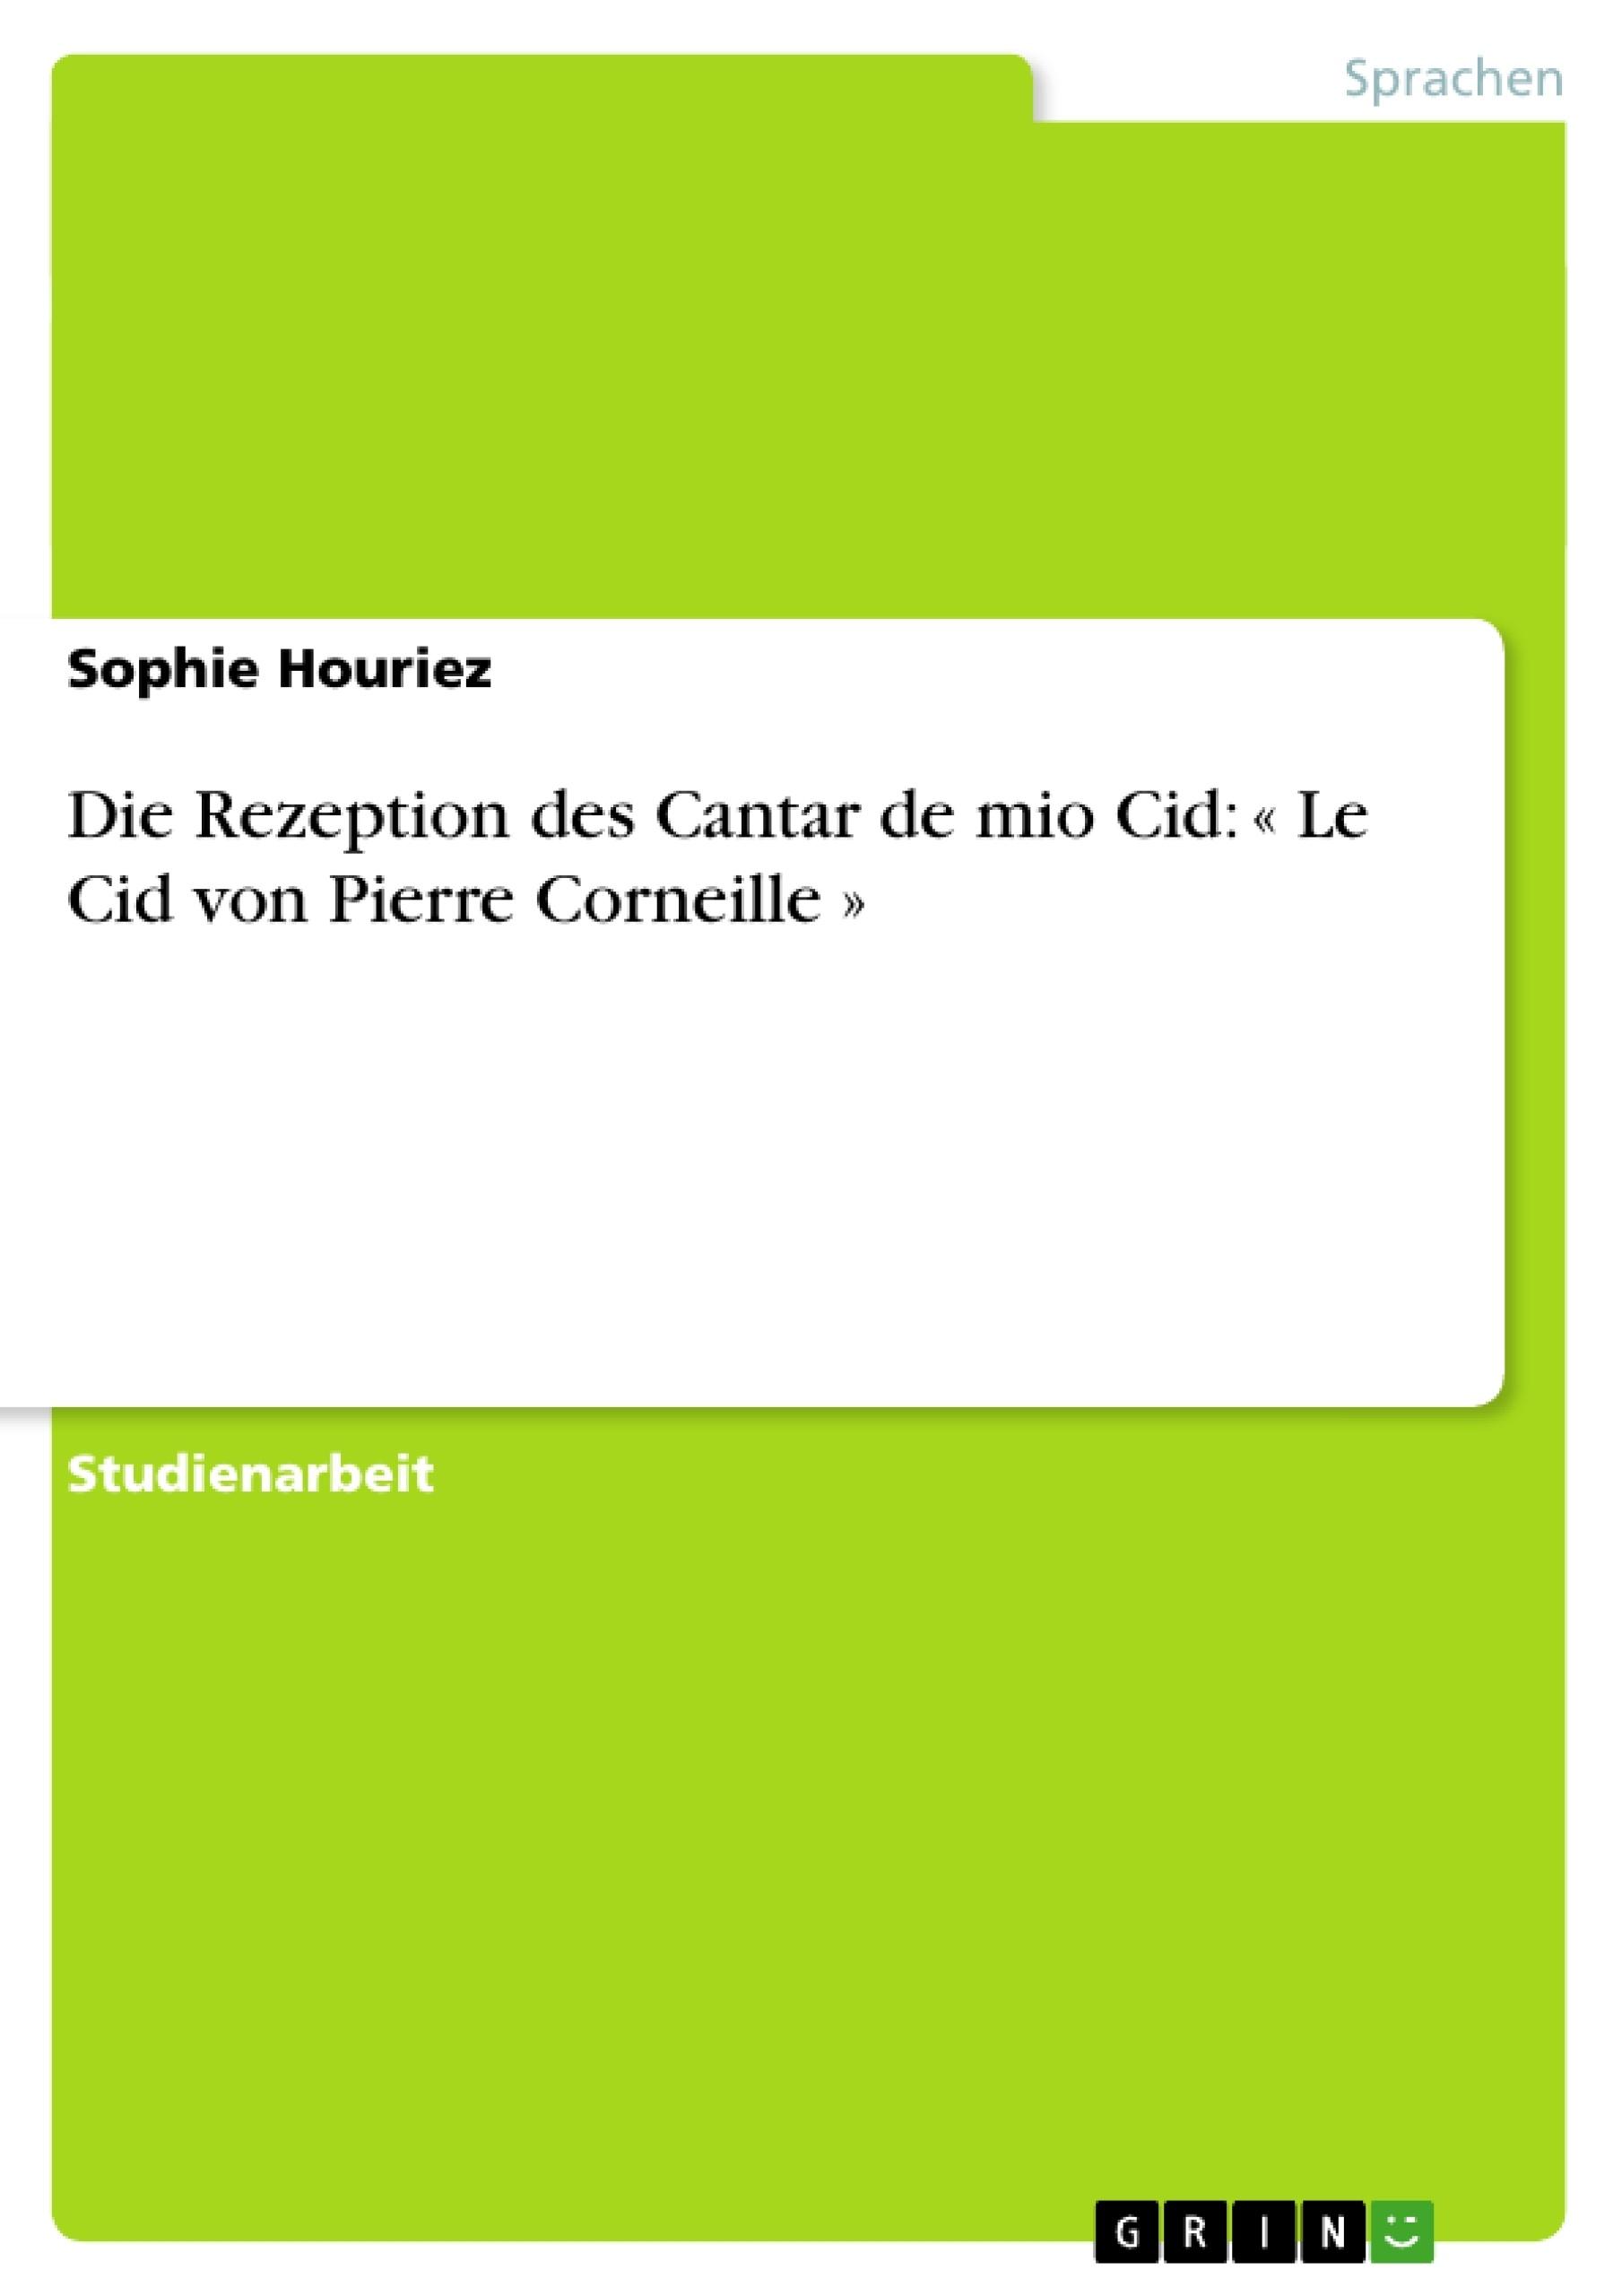 Titel: Die Rezeption des Cantar de mio Cid: « Le Cid von Pierre Corneille »